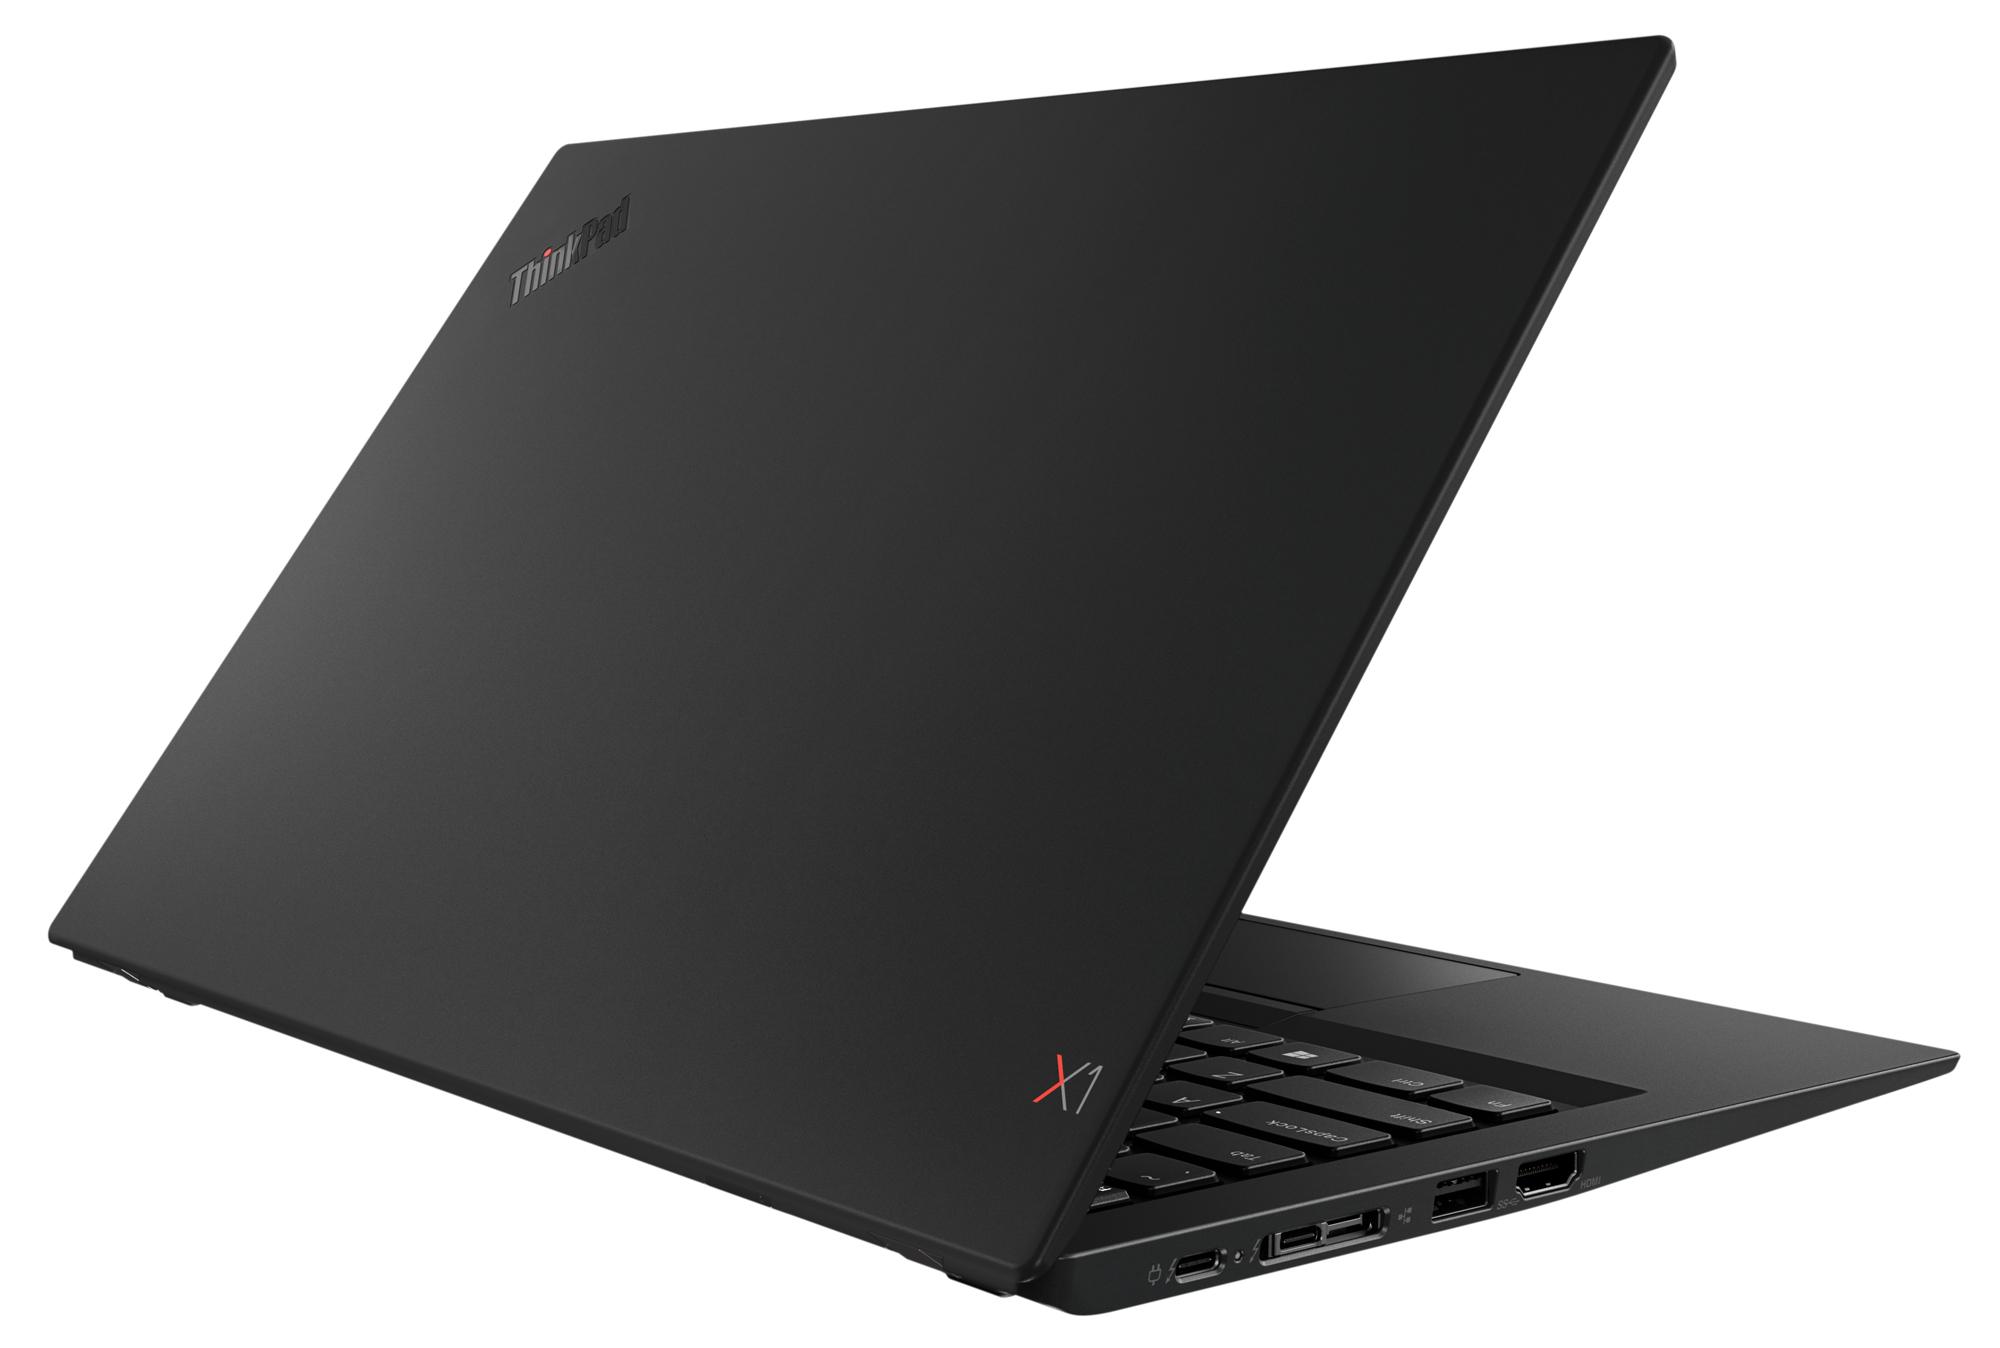 Фото  Ультрабук ThinkPad X1 Carbon 6th Gen (20KGA01BRT)